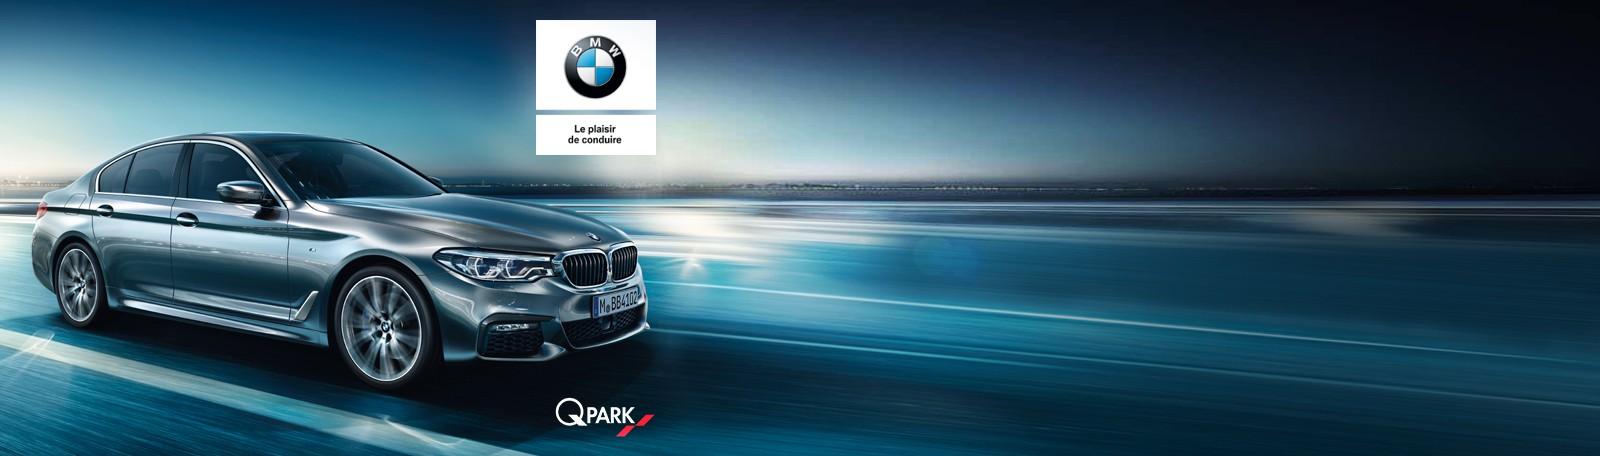 Partenariat BMW 2017